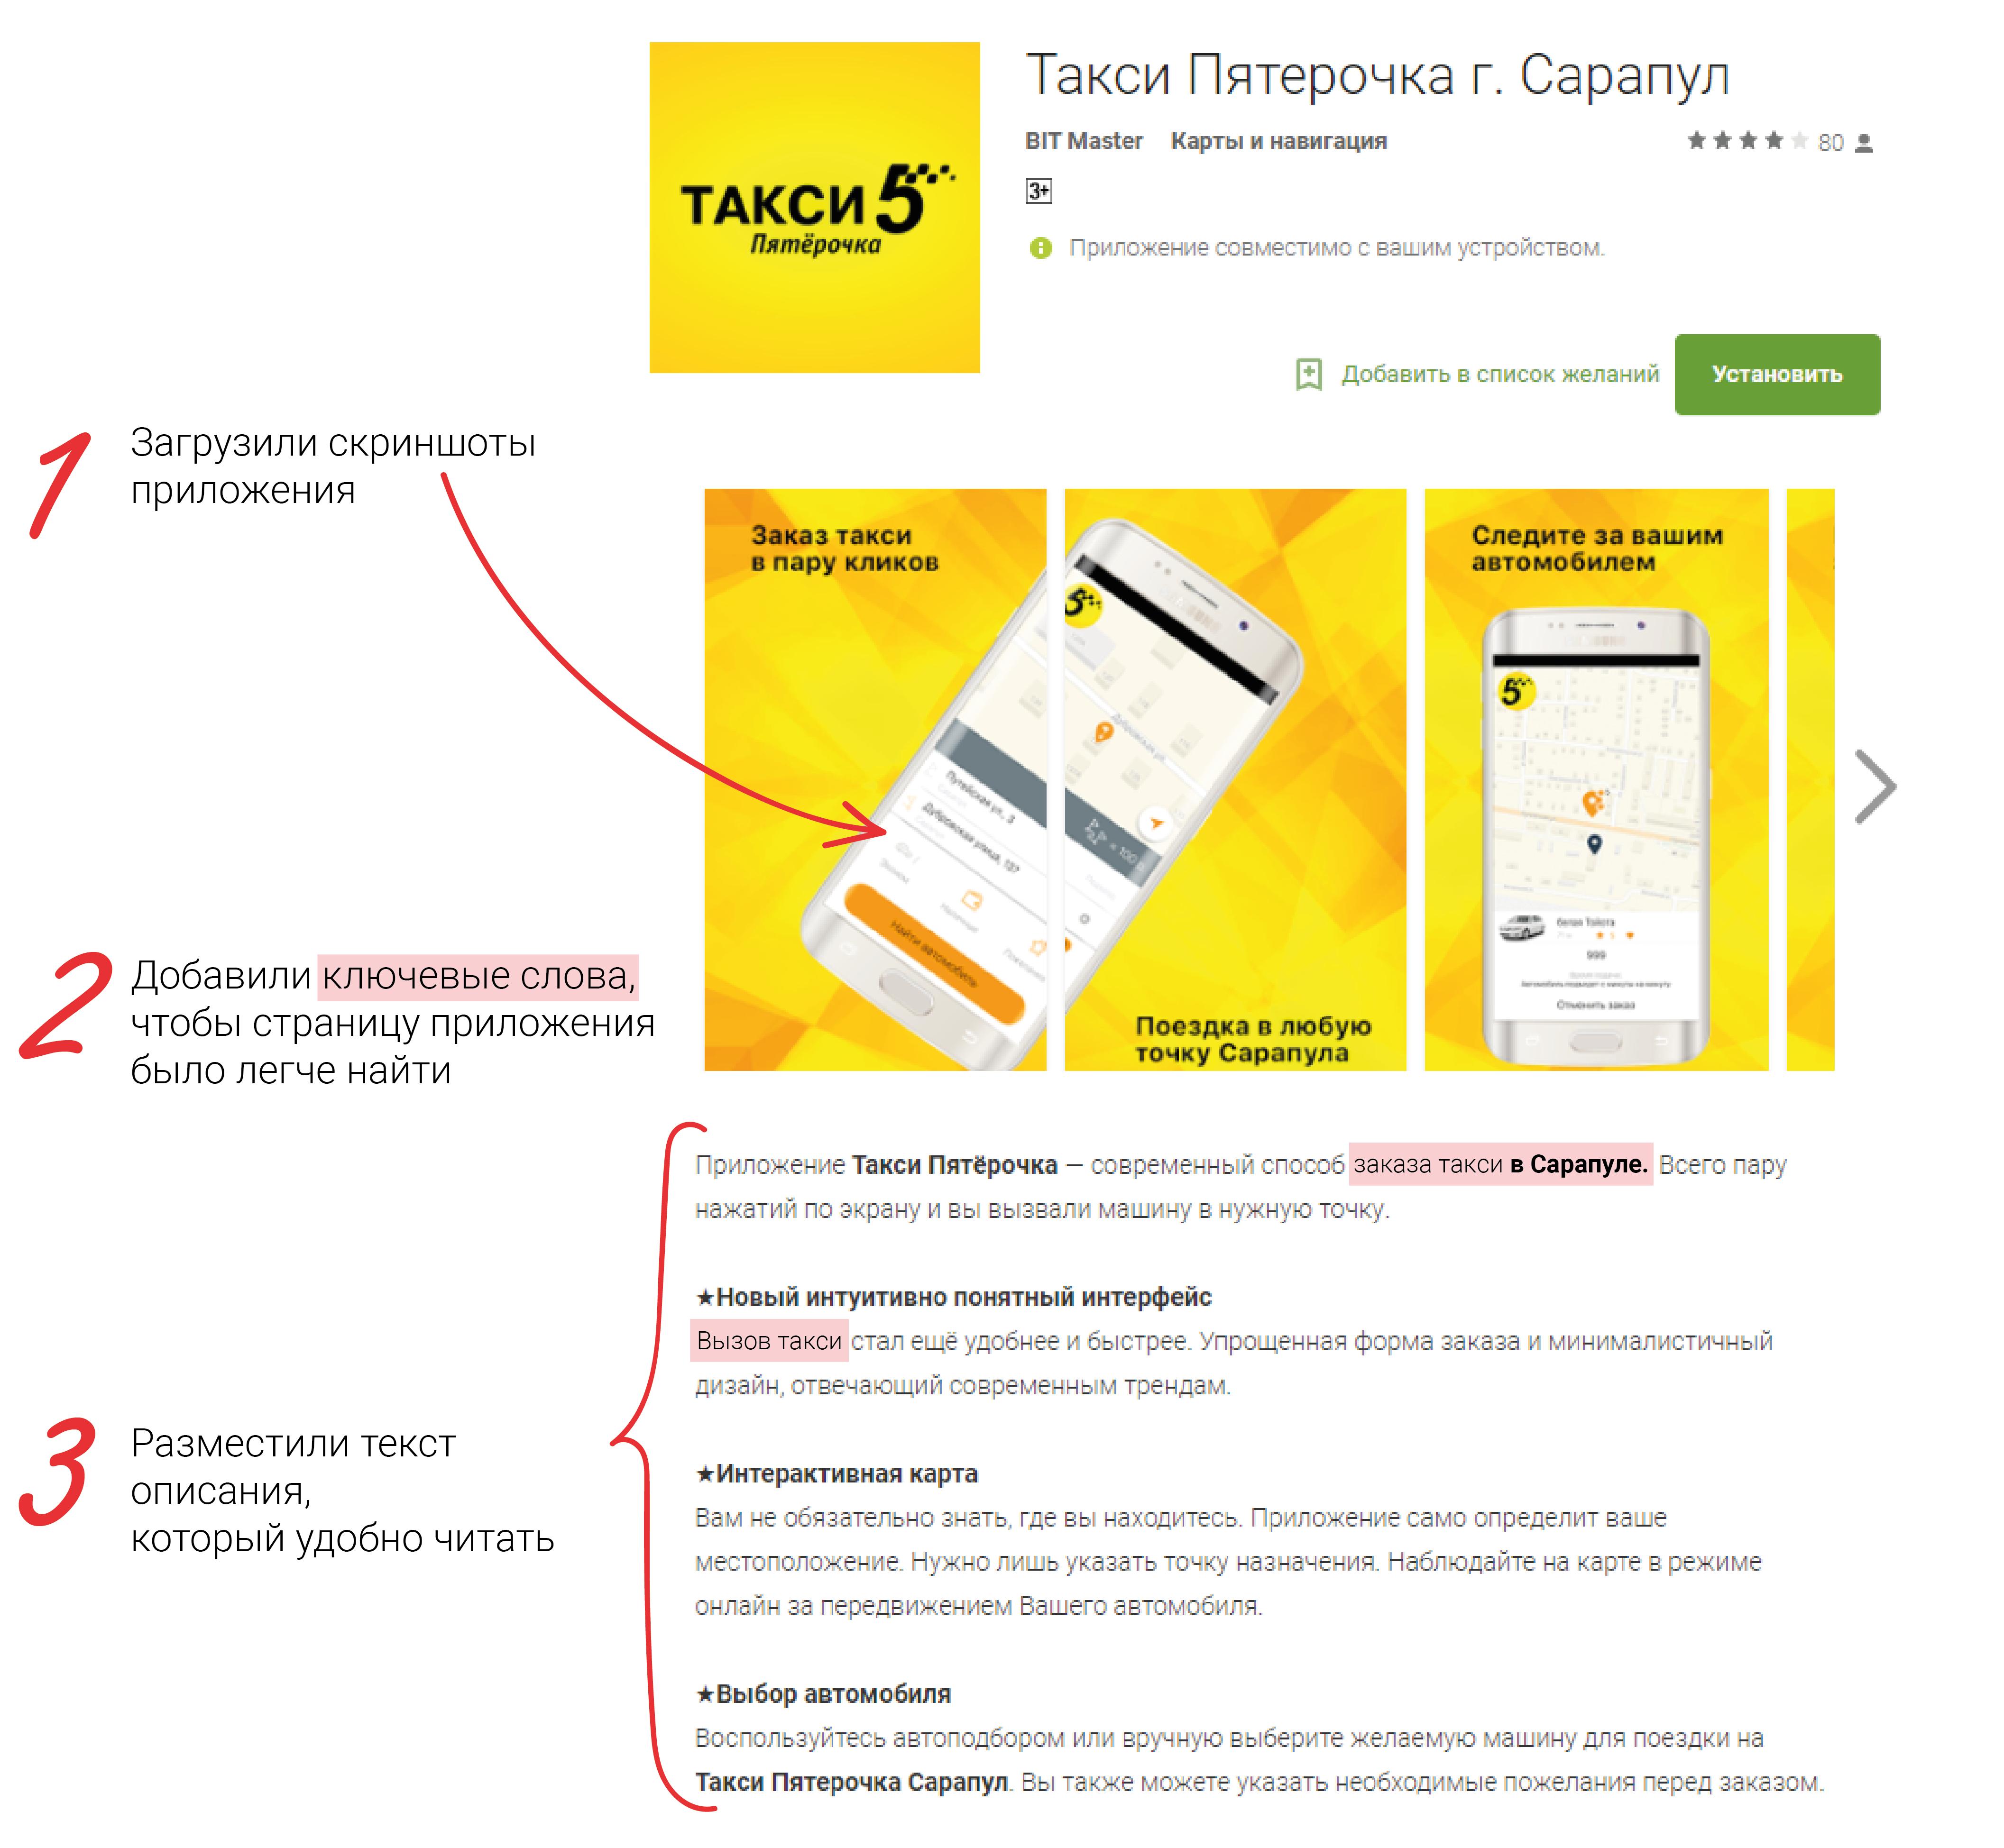 страница-приложения-такси-пятёрочка